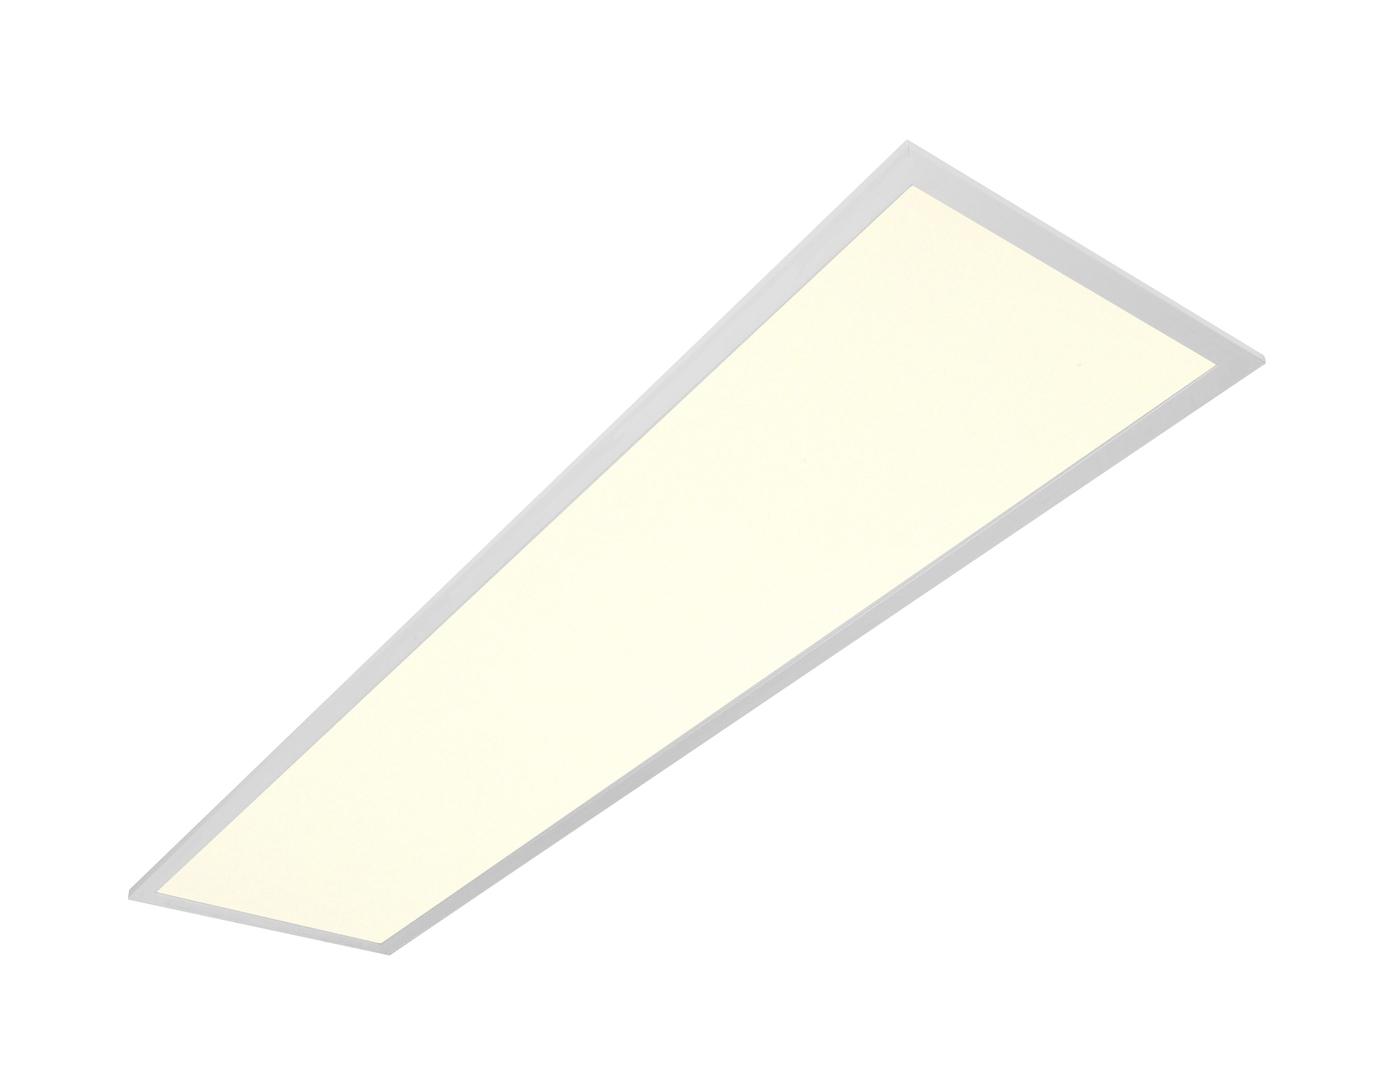 Panou LED dreptunghi alb 40W 230V IP20 4000K - Culoare naturală a luminii